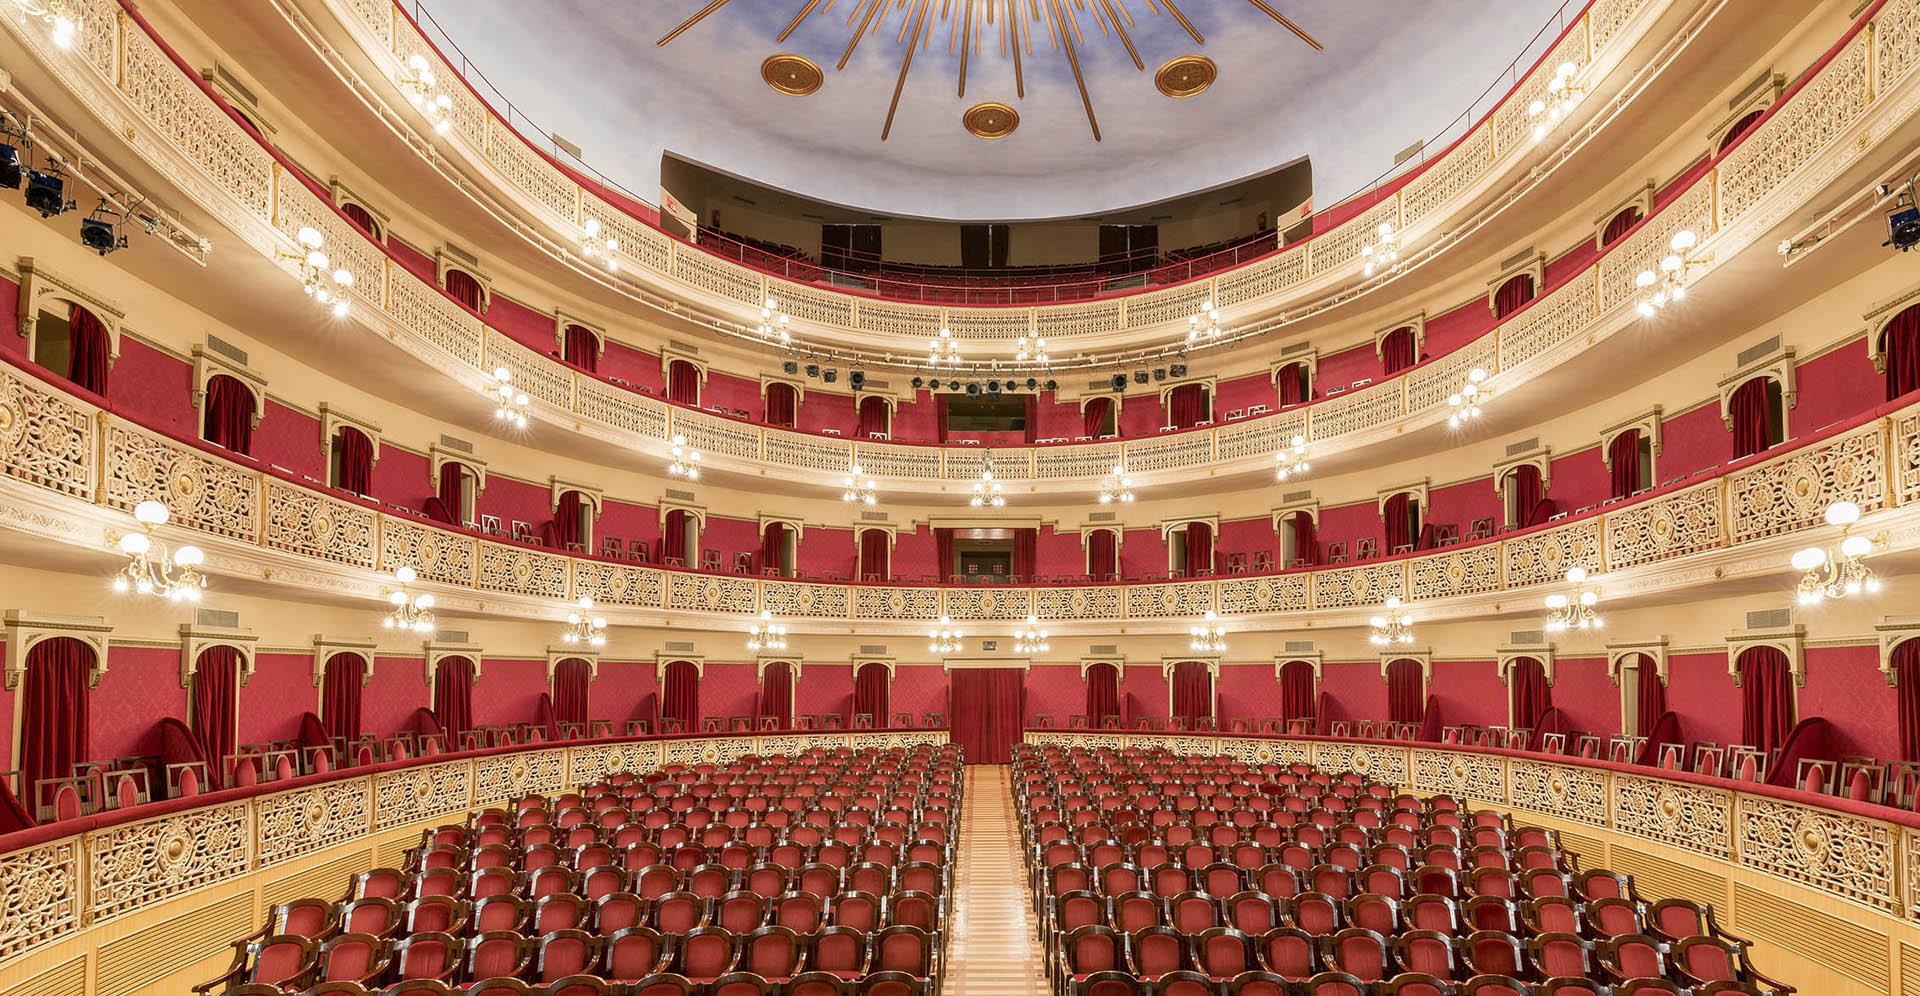 Història del Teatre Fortuny